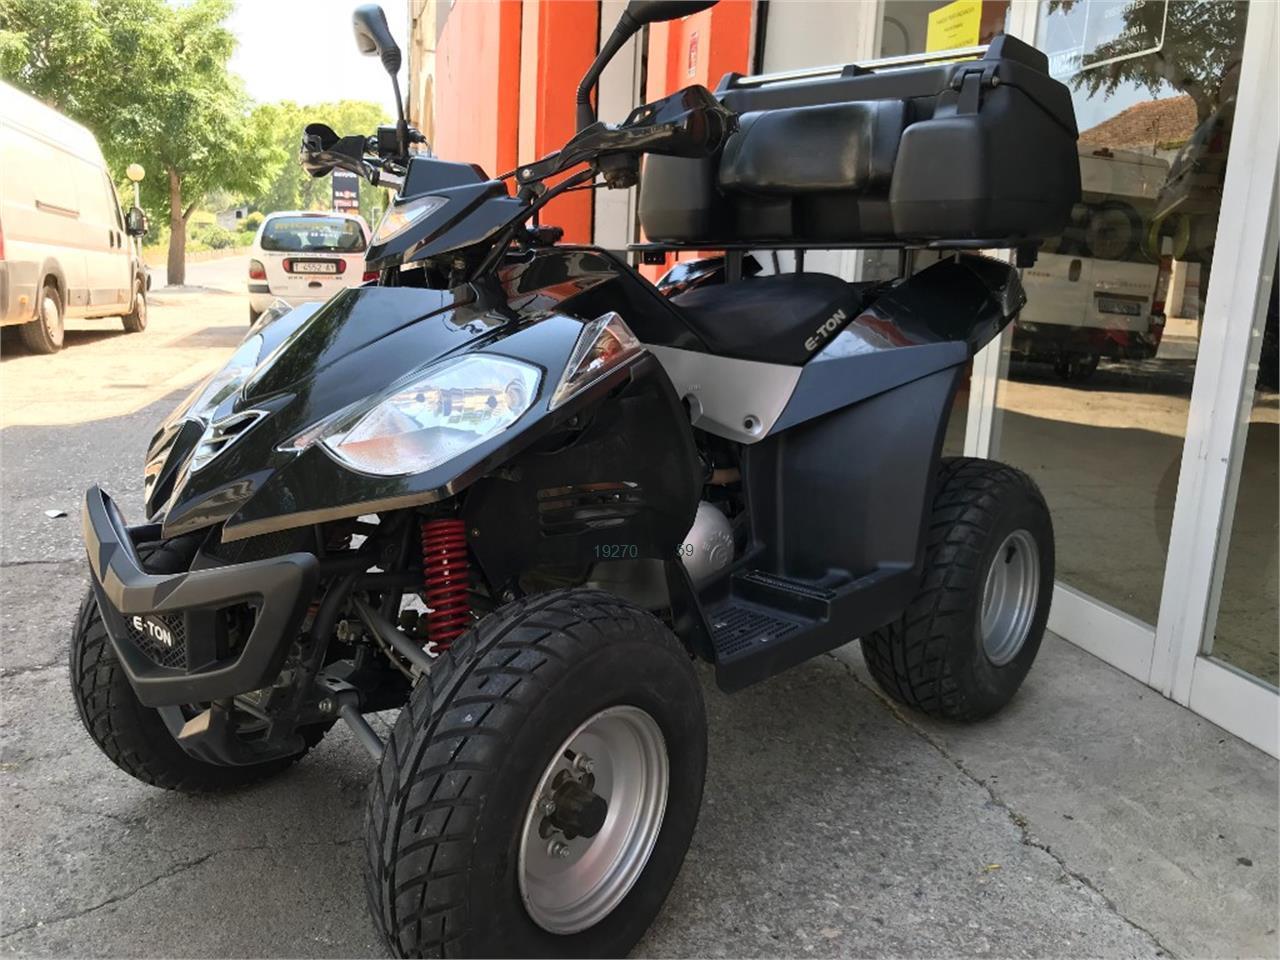 E-TON Viper 250 2/Plazas de venta